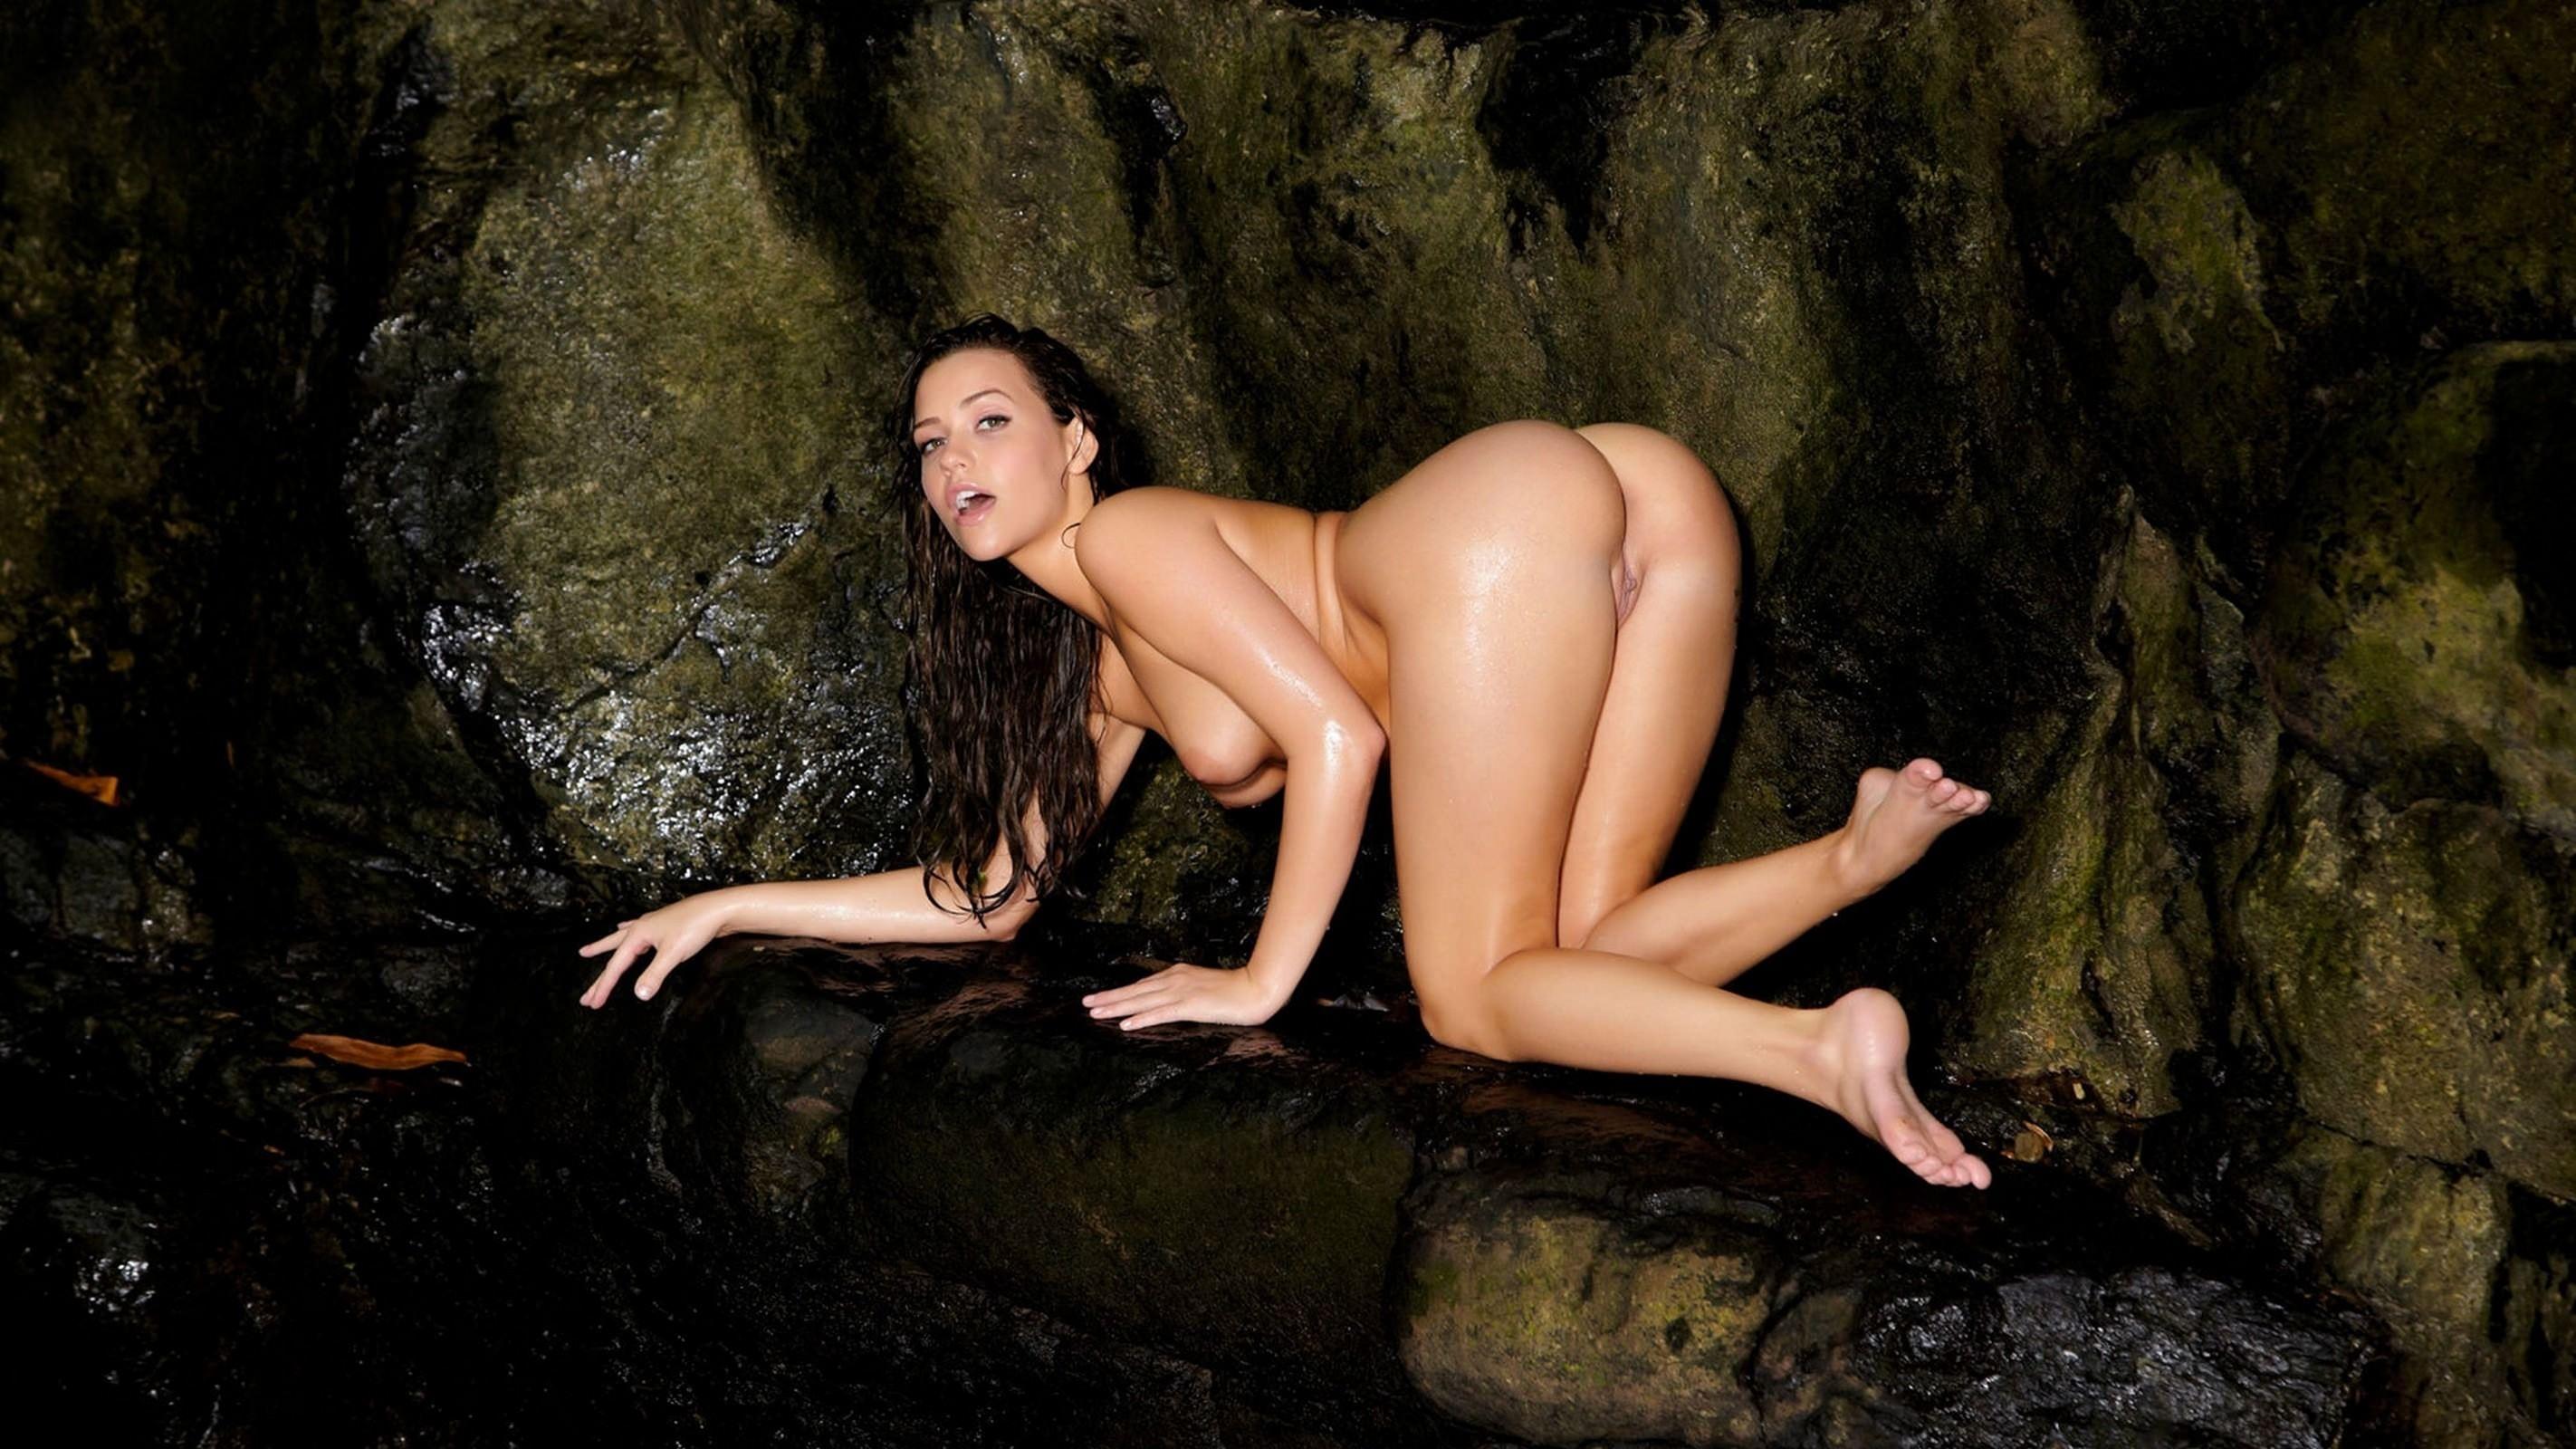 Фото Голая девушка в пещере, обнаженная девка в темной пещере, мокрая девчонка ползет по камням, сочные ляжки, скачать картинку бесплатно